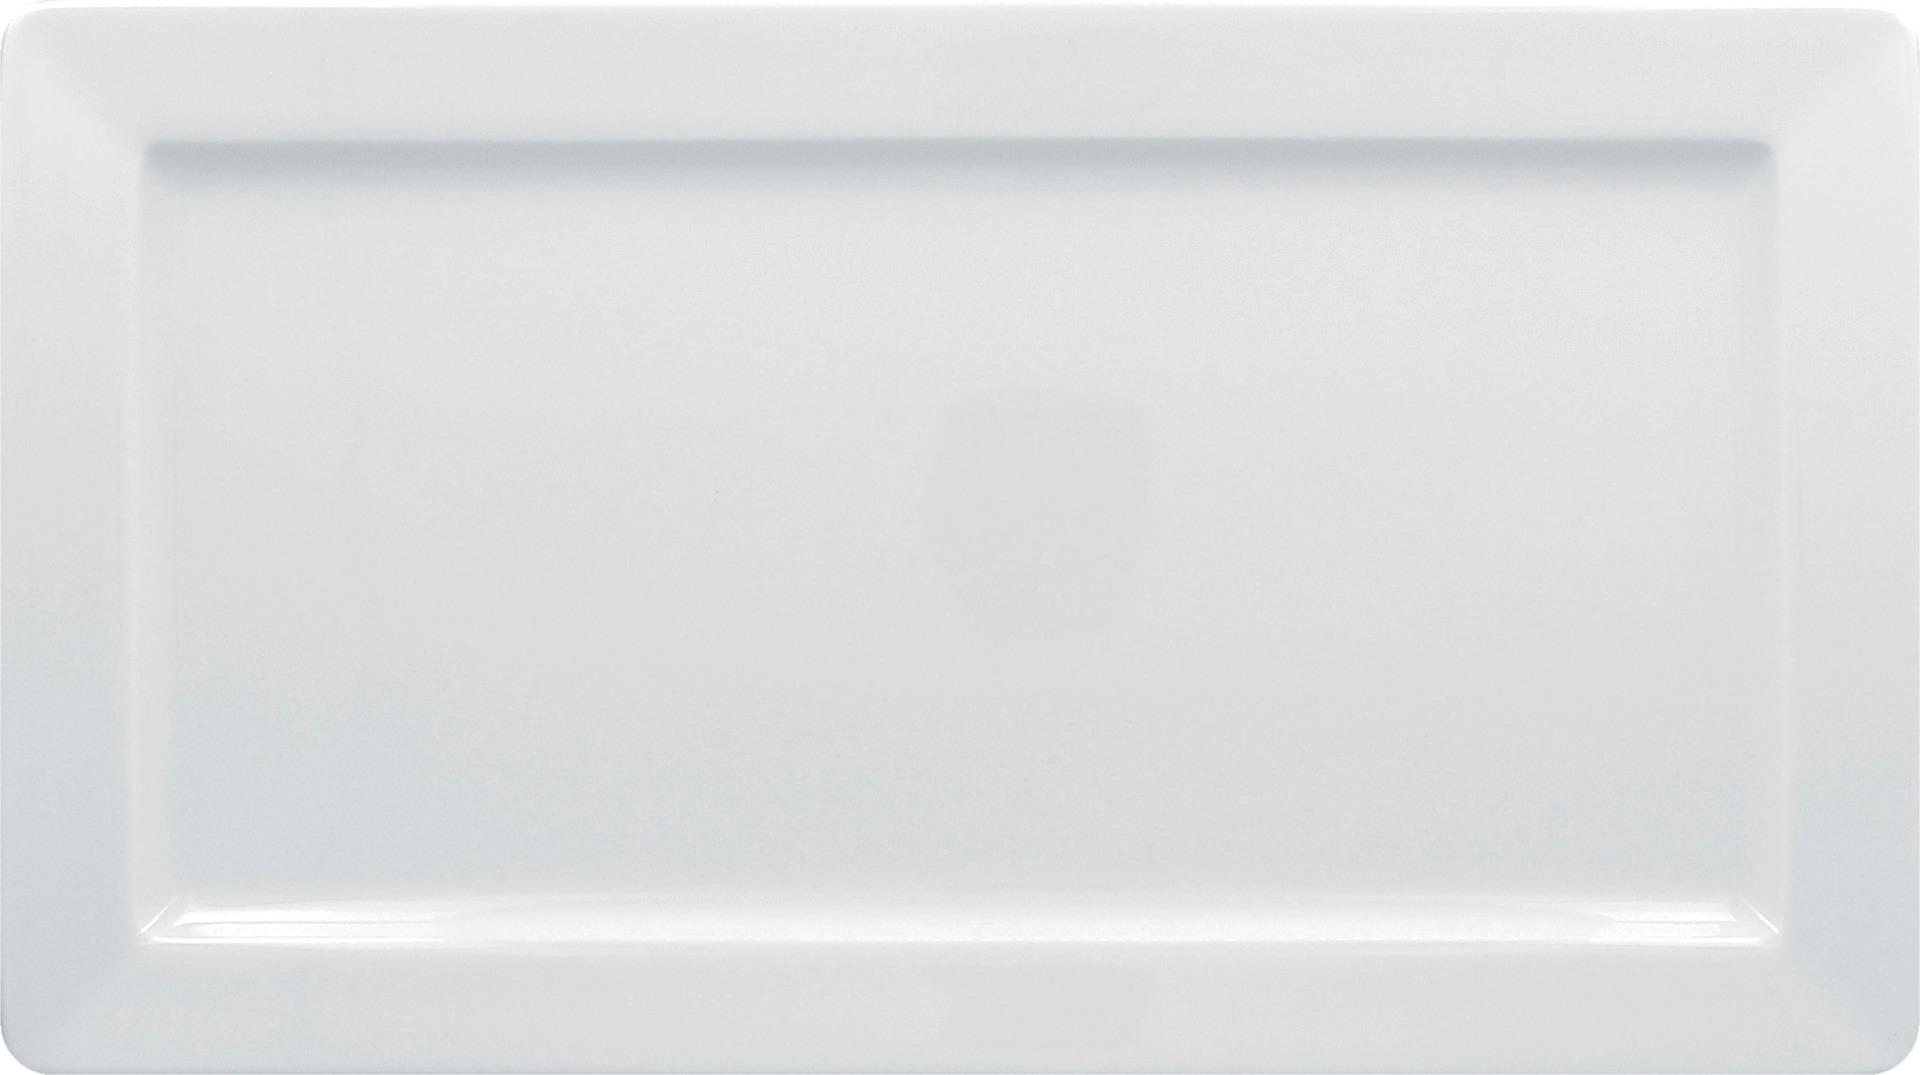 Teller rechteckig 380 x 210 mm bright-white